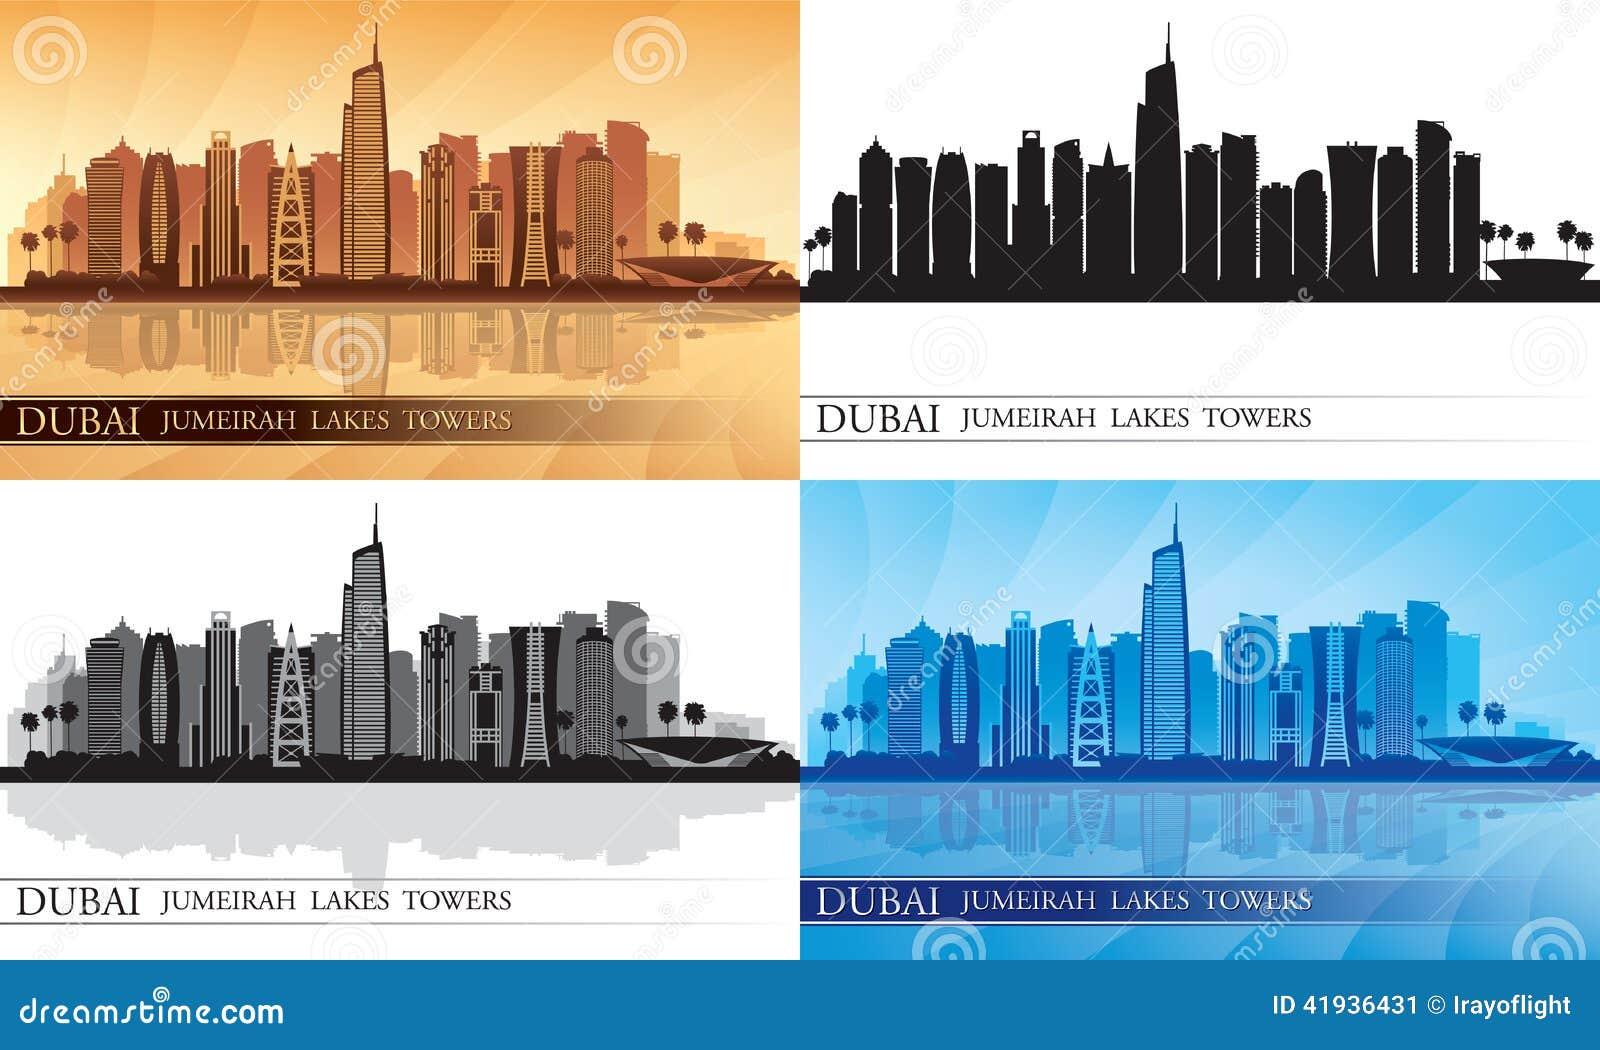 Dubai Jumeirah Lakes Towers skyline silhouette Set